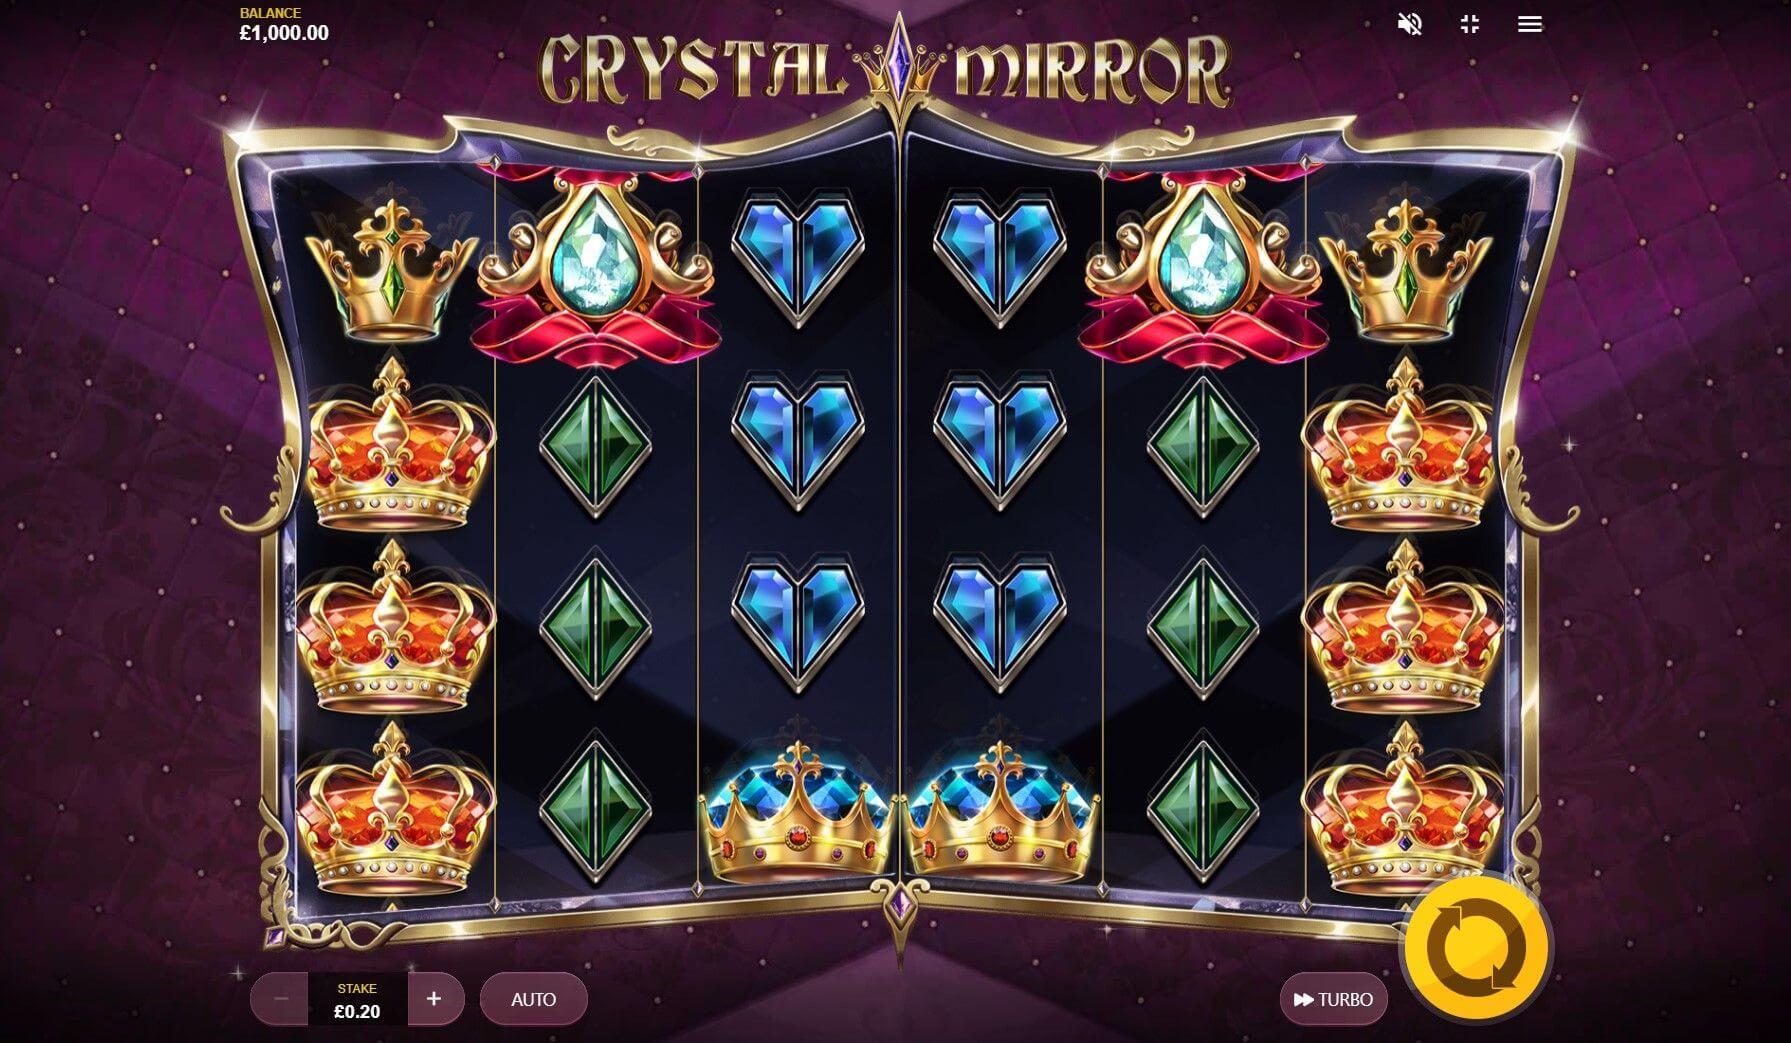 Crystal Mirror Slot Bonus